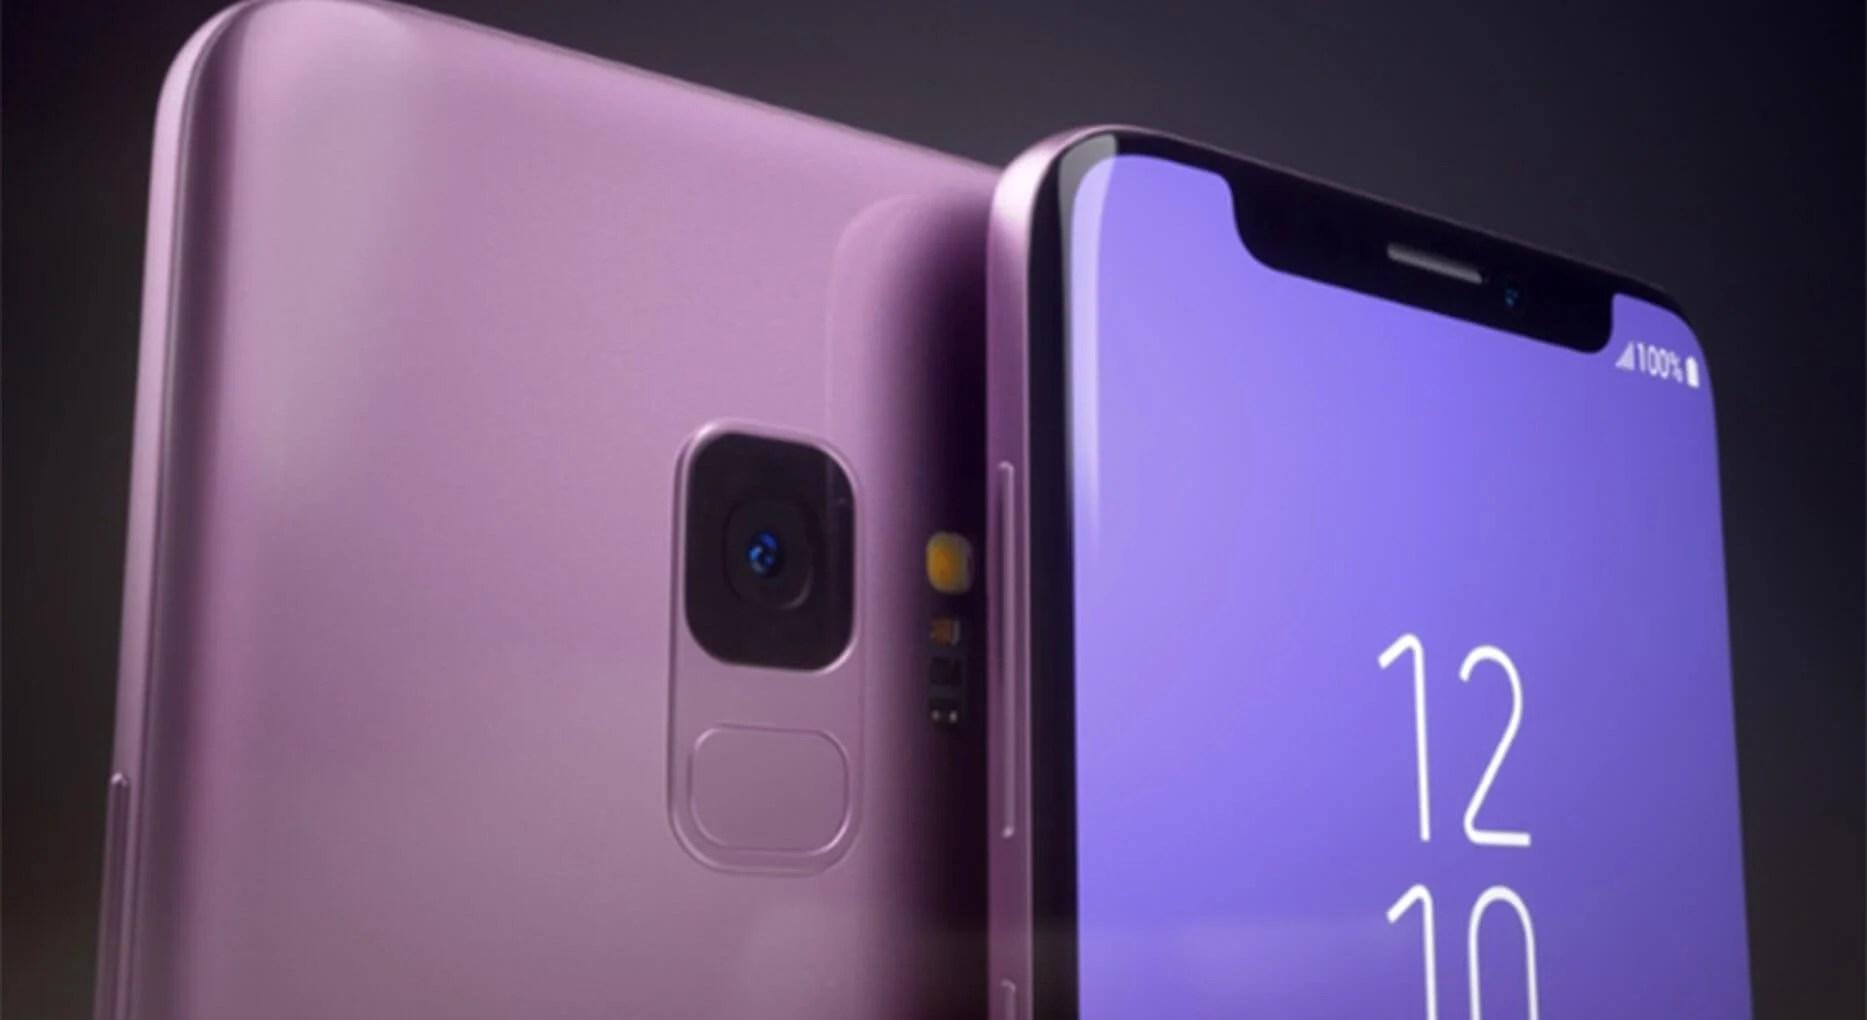 samsung 1 - Assim seria o Galaxy S9 se ele tivesse o notch do iPhone X